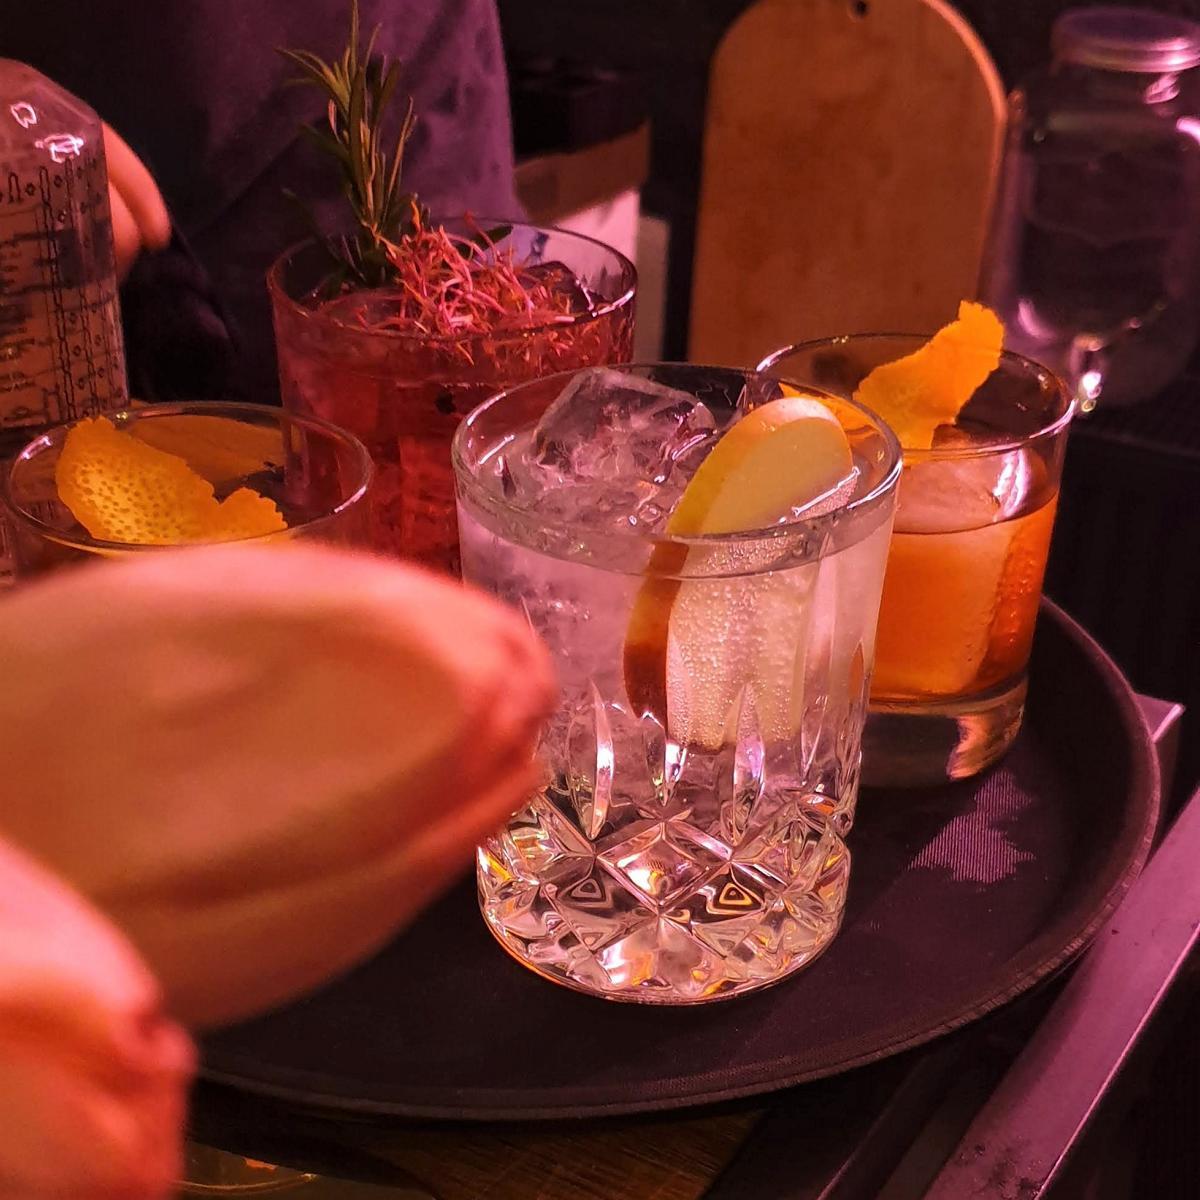 Style Hannover Niemand Gin 5 - NIEMAND - Spirituosen mit Stil aus Hannover